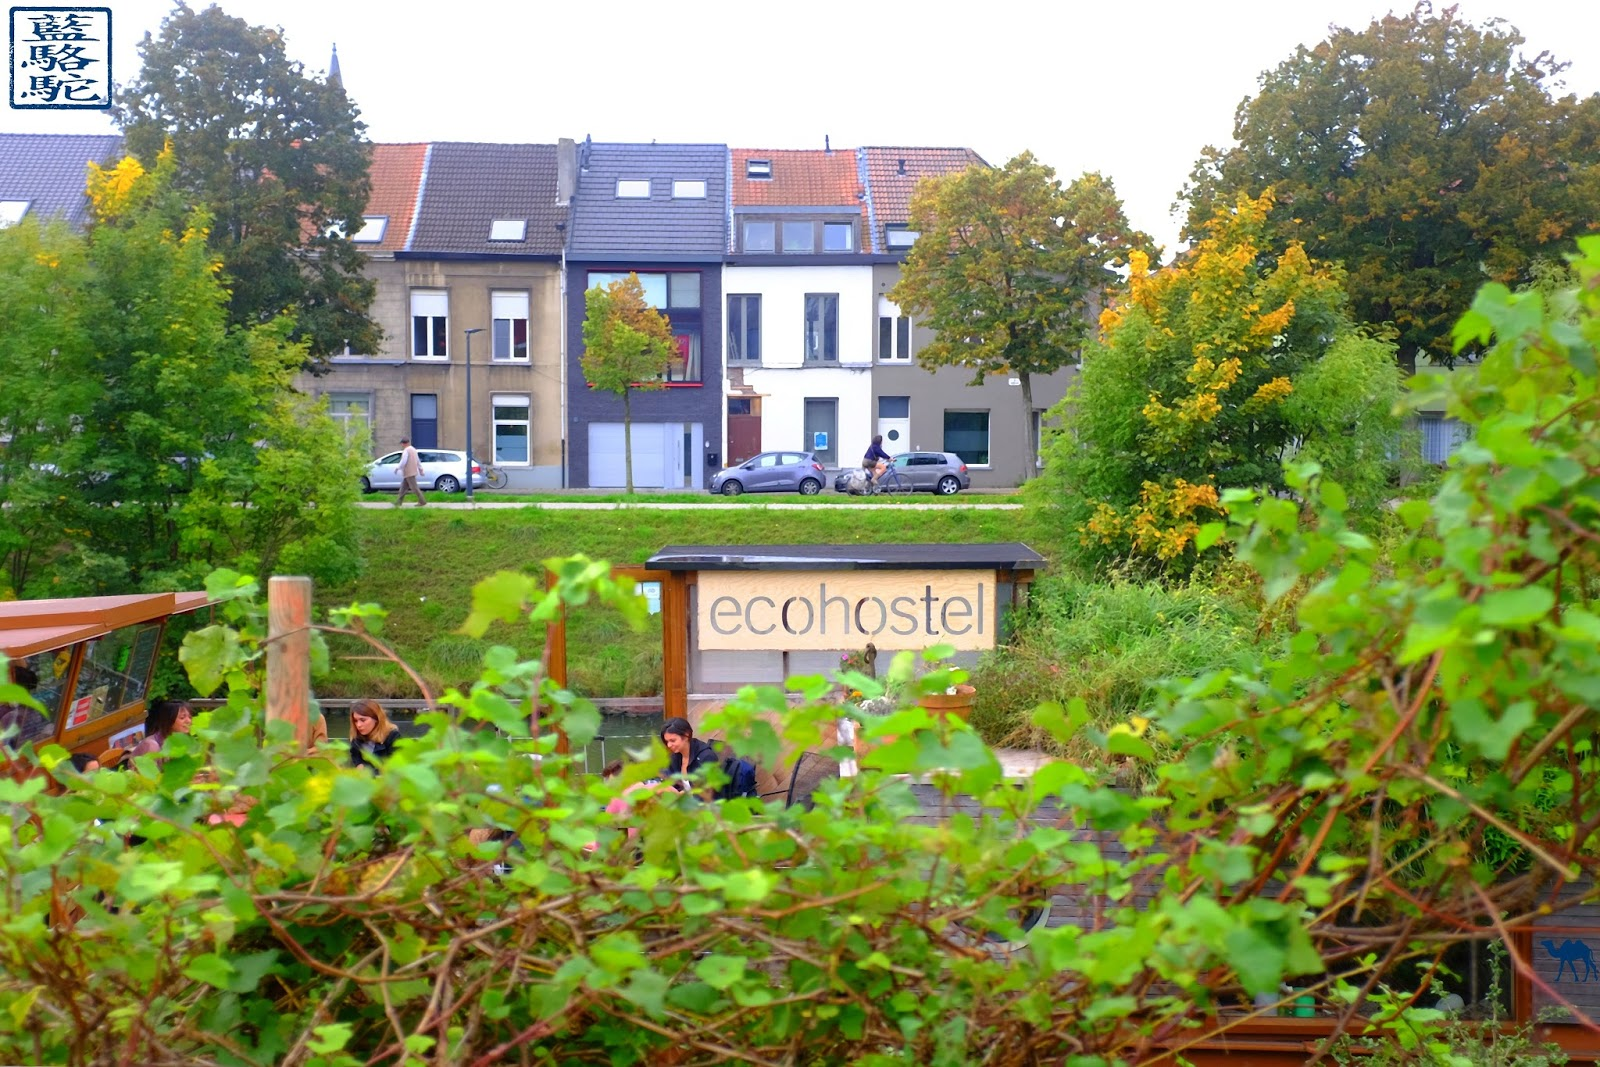 Le Chameau Bleu  - Ecohostel à Gand - Hébergement à Gand